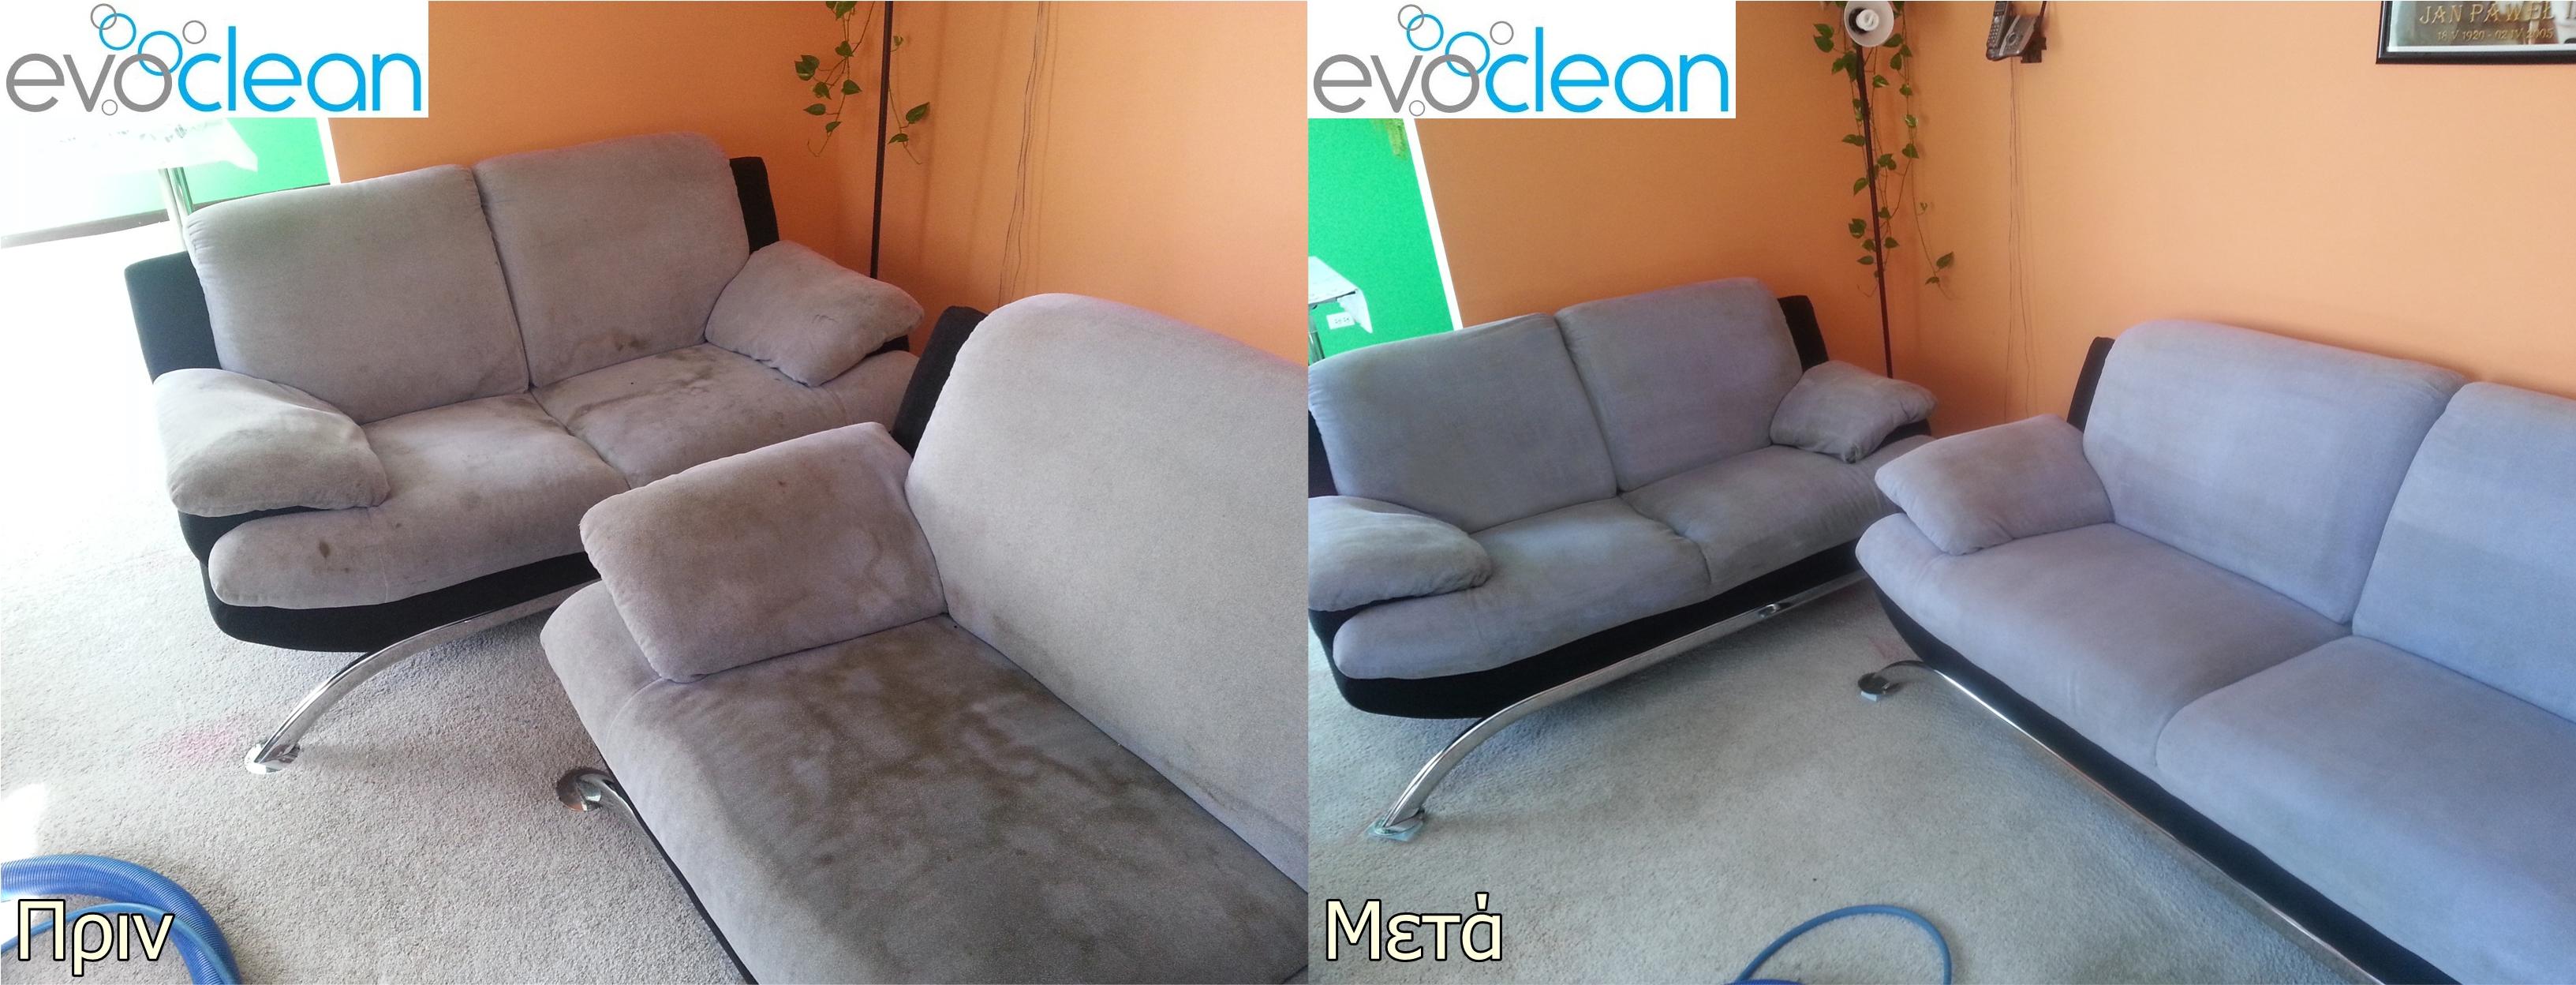 Καθαρισμός καναπέδων